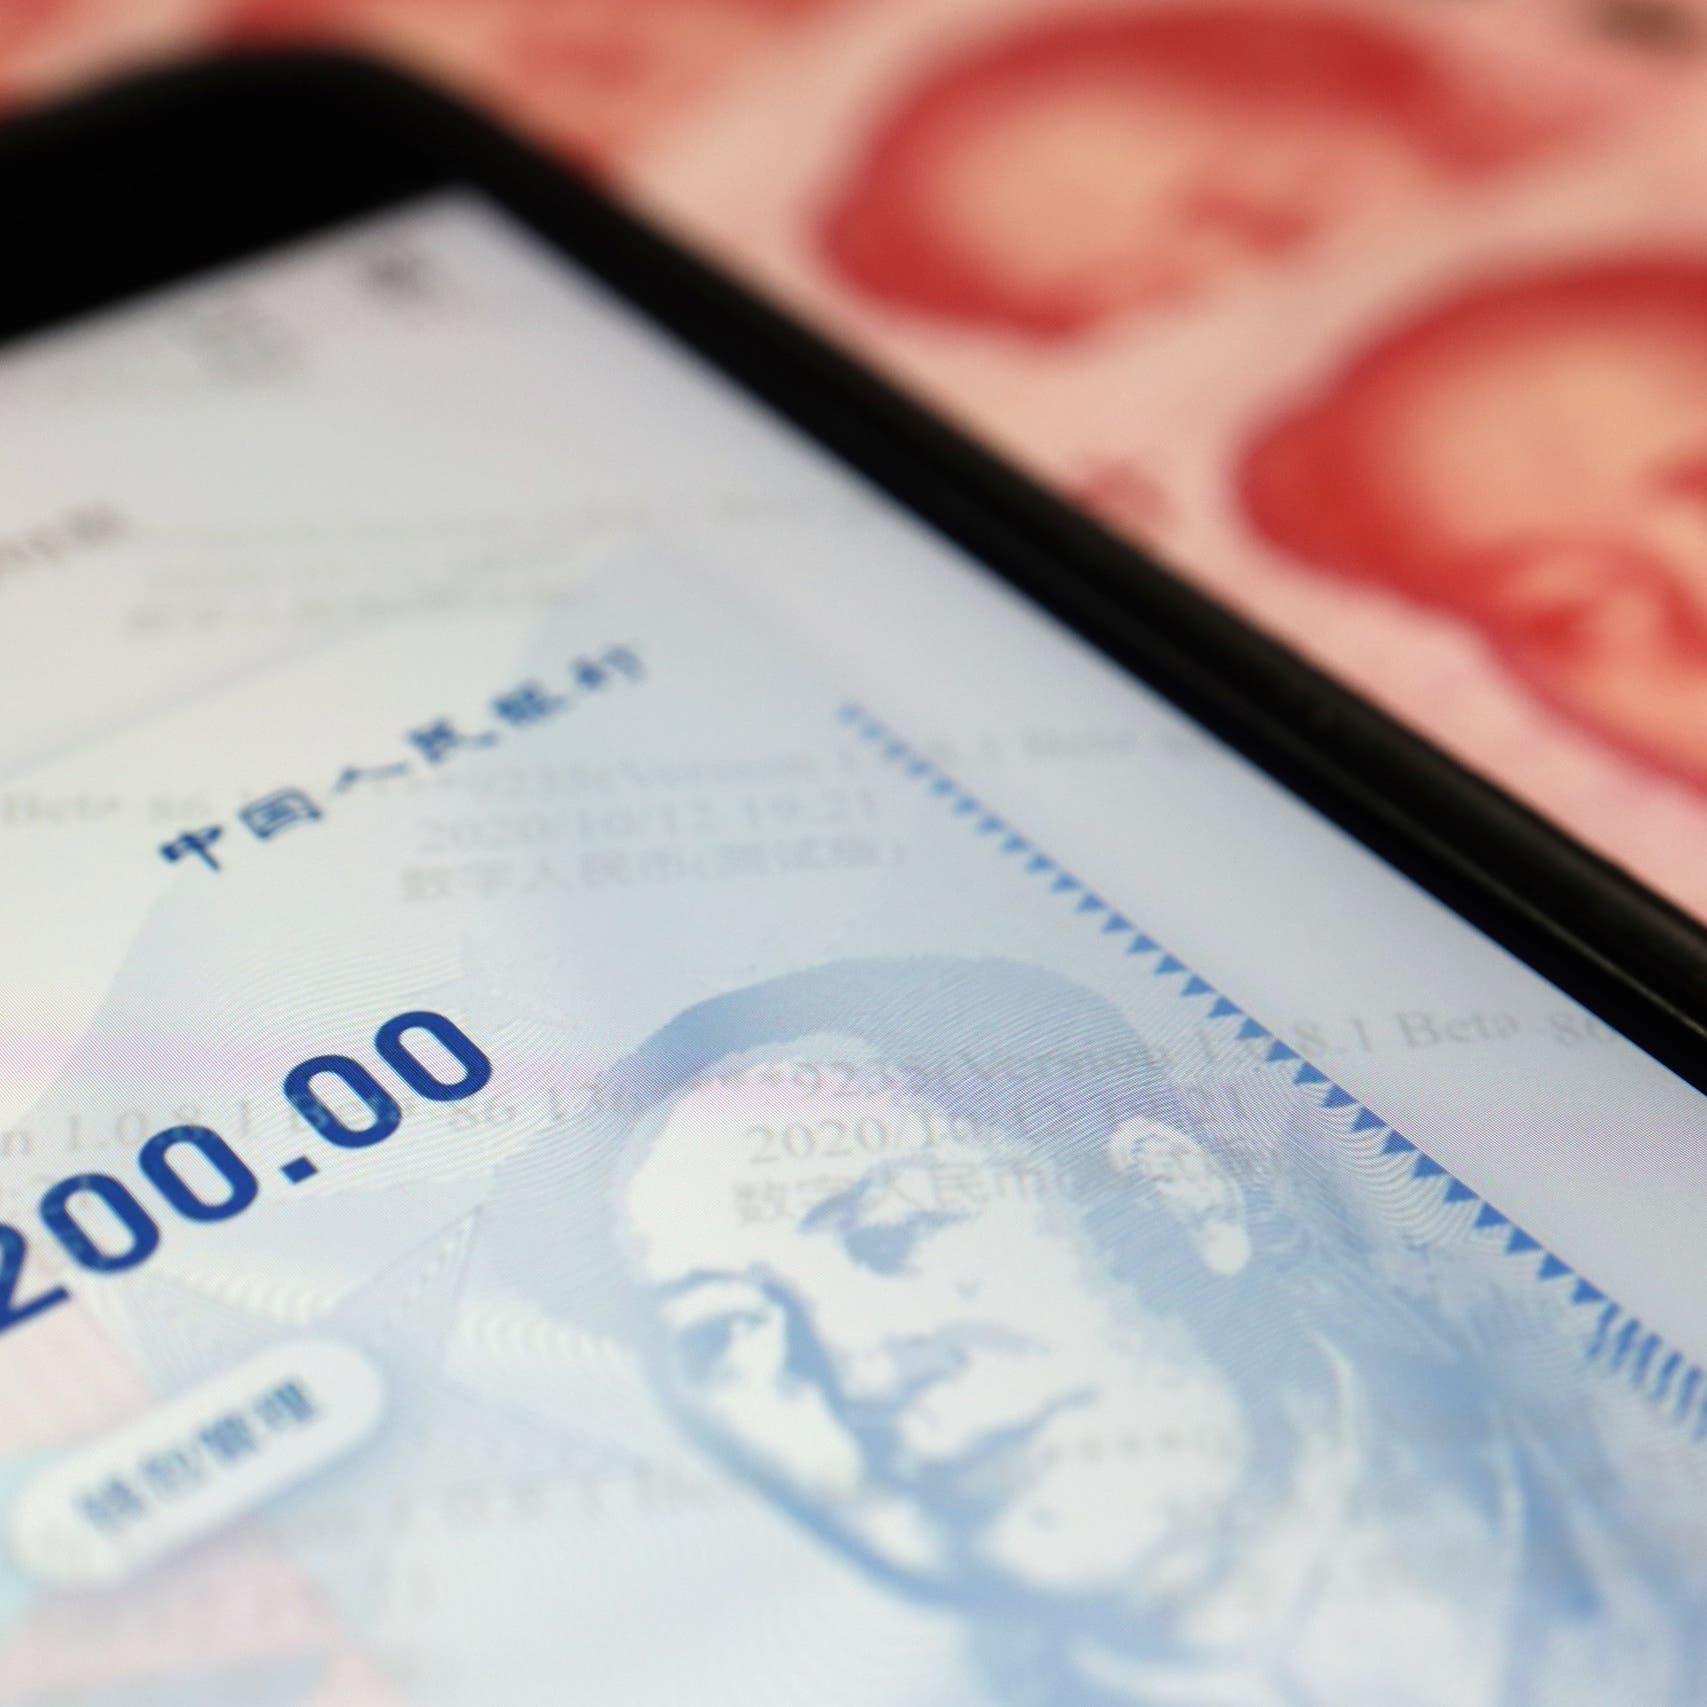 اليوان الرقمي الصيني يستفز أميركا.. وبكين تؤكد: لا نية لاستبدال الدولار